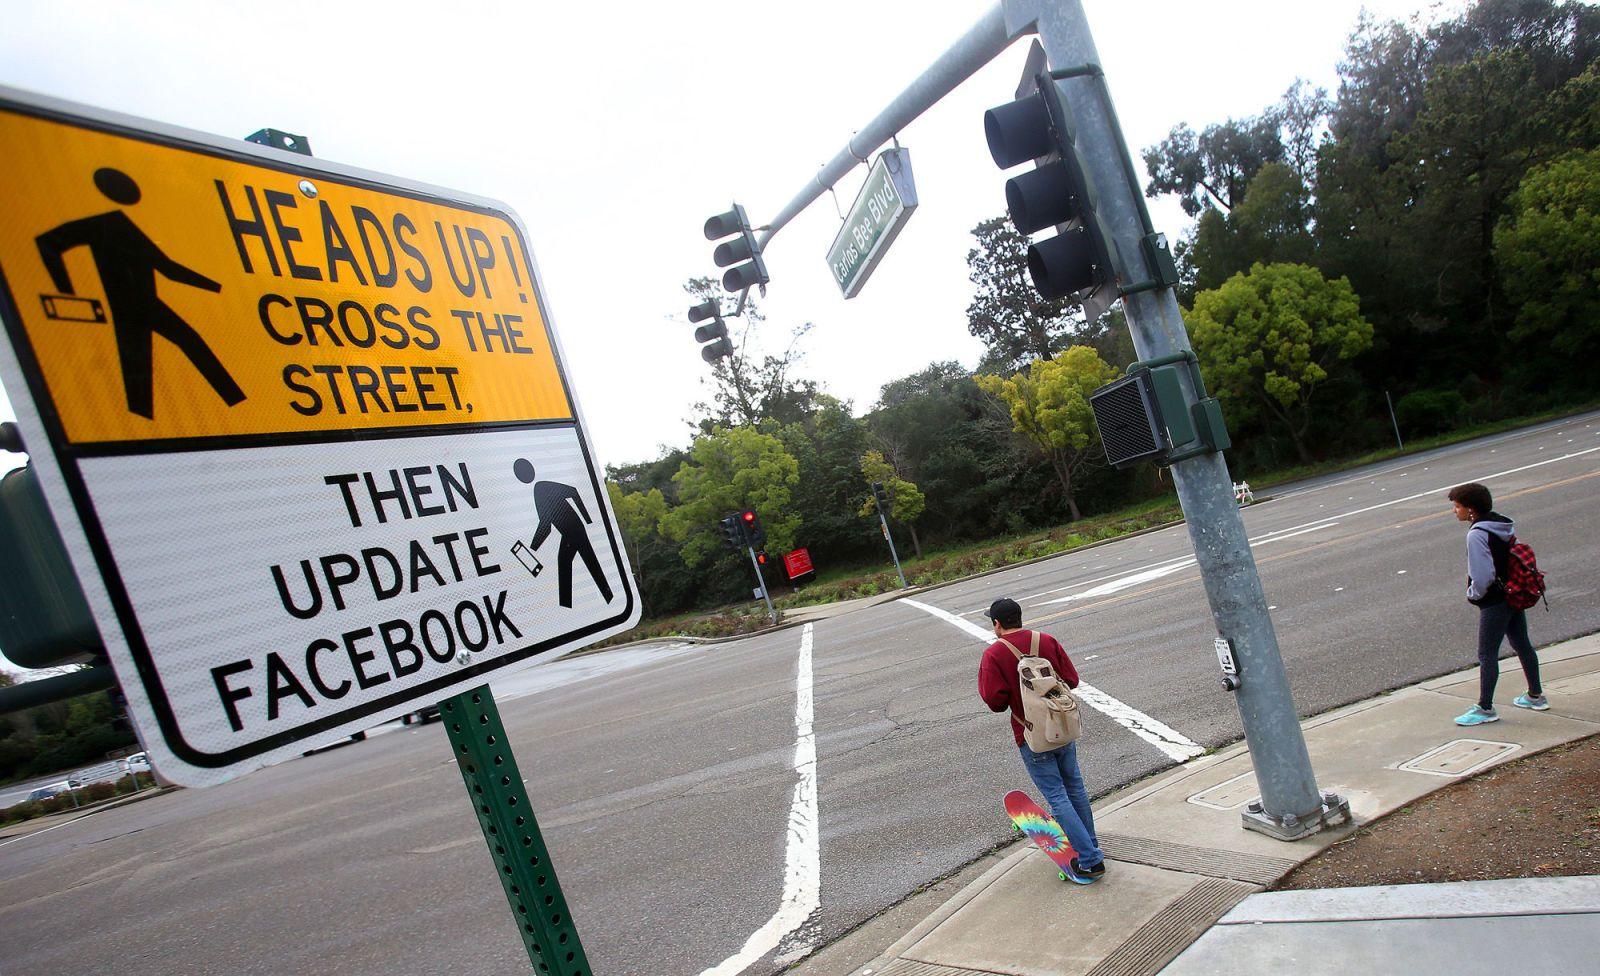 California Street Signs Tell Pedestrians to 'Cross the Street, Then Update Facebook'